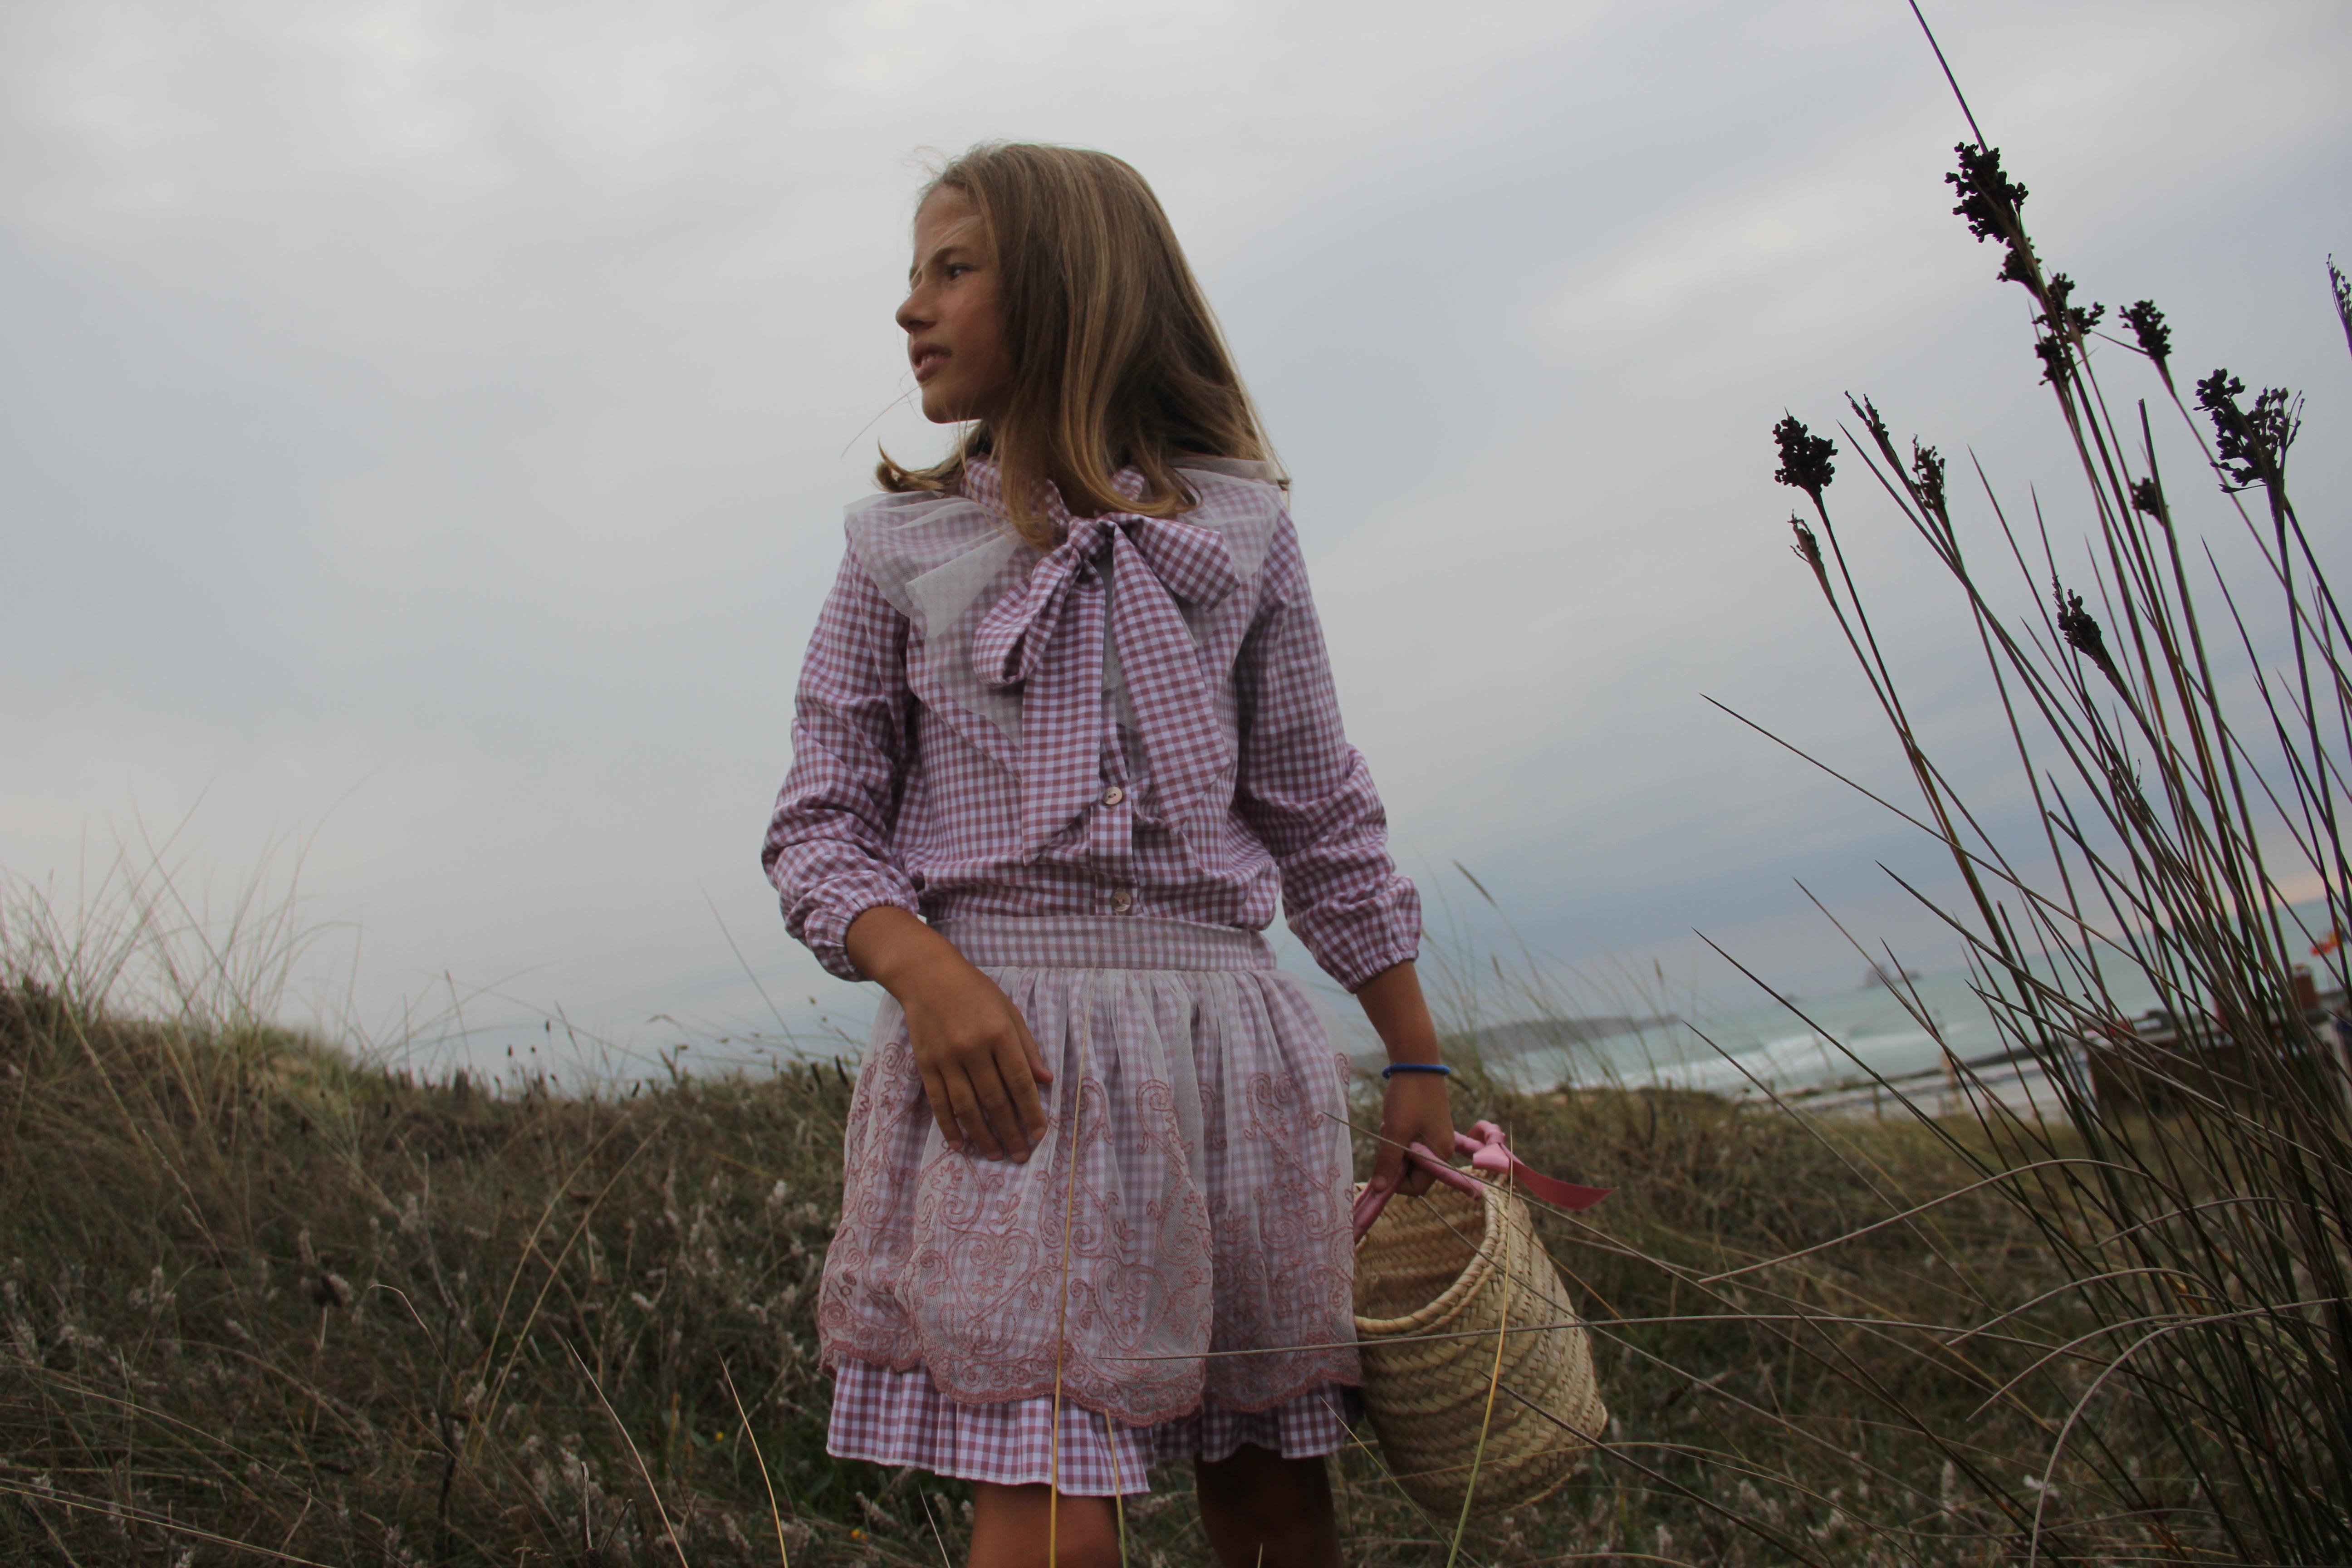 conjunto-arras-invierno-falda-nina-tul-bordado-vichy-morado-vichy-malva-conjuntos-ninas-mayores-falda-nina-morada-ropa-infantil-invierno-2017-14